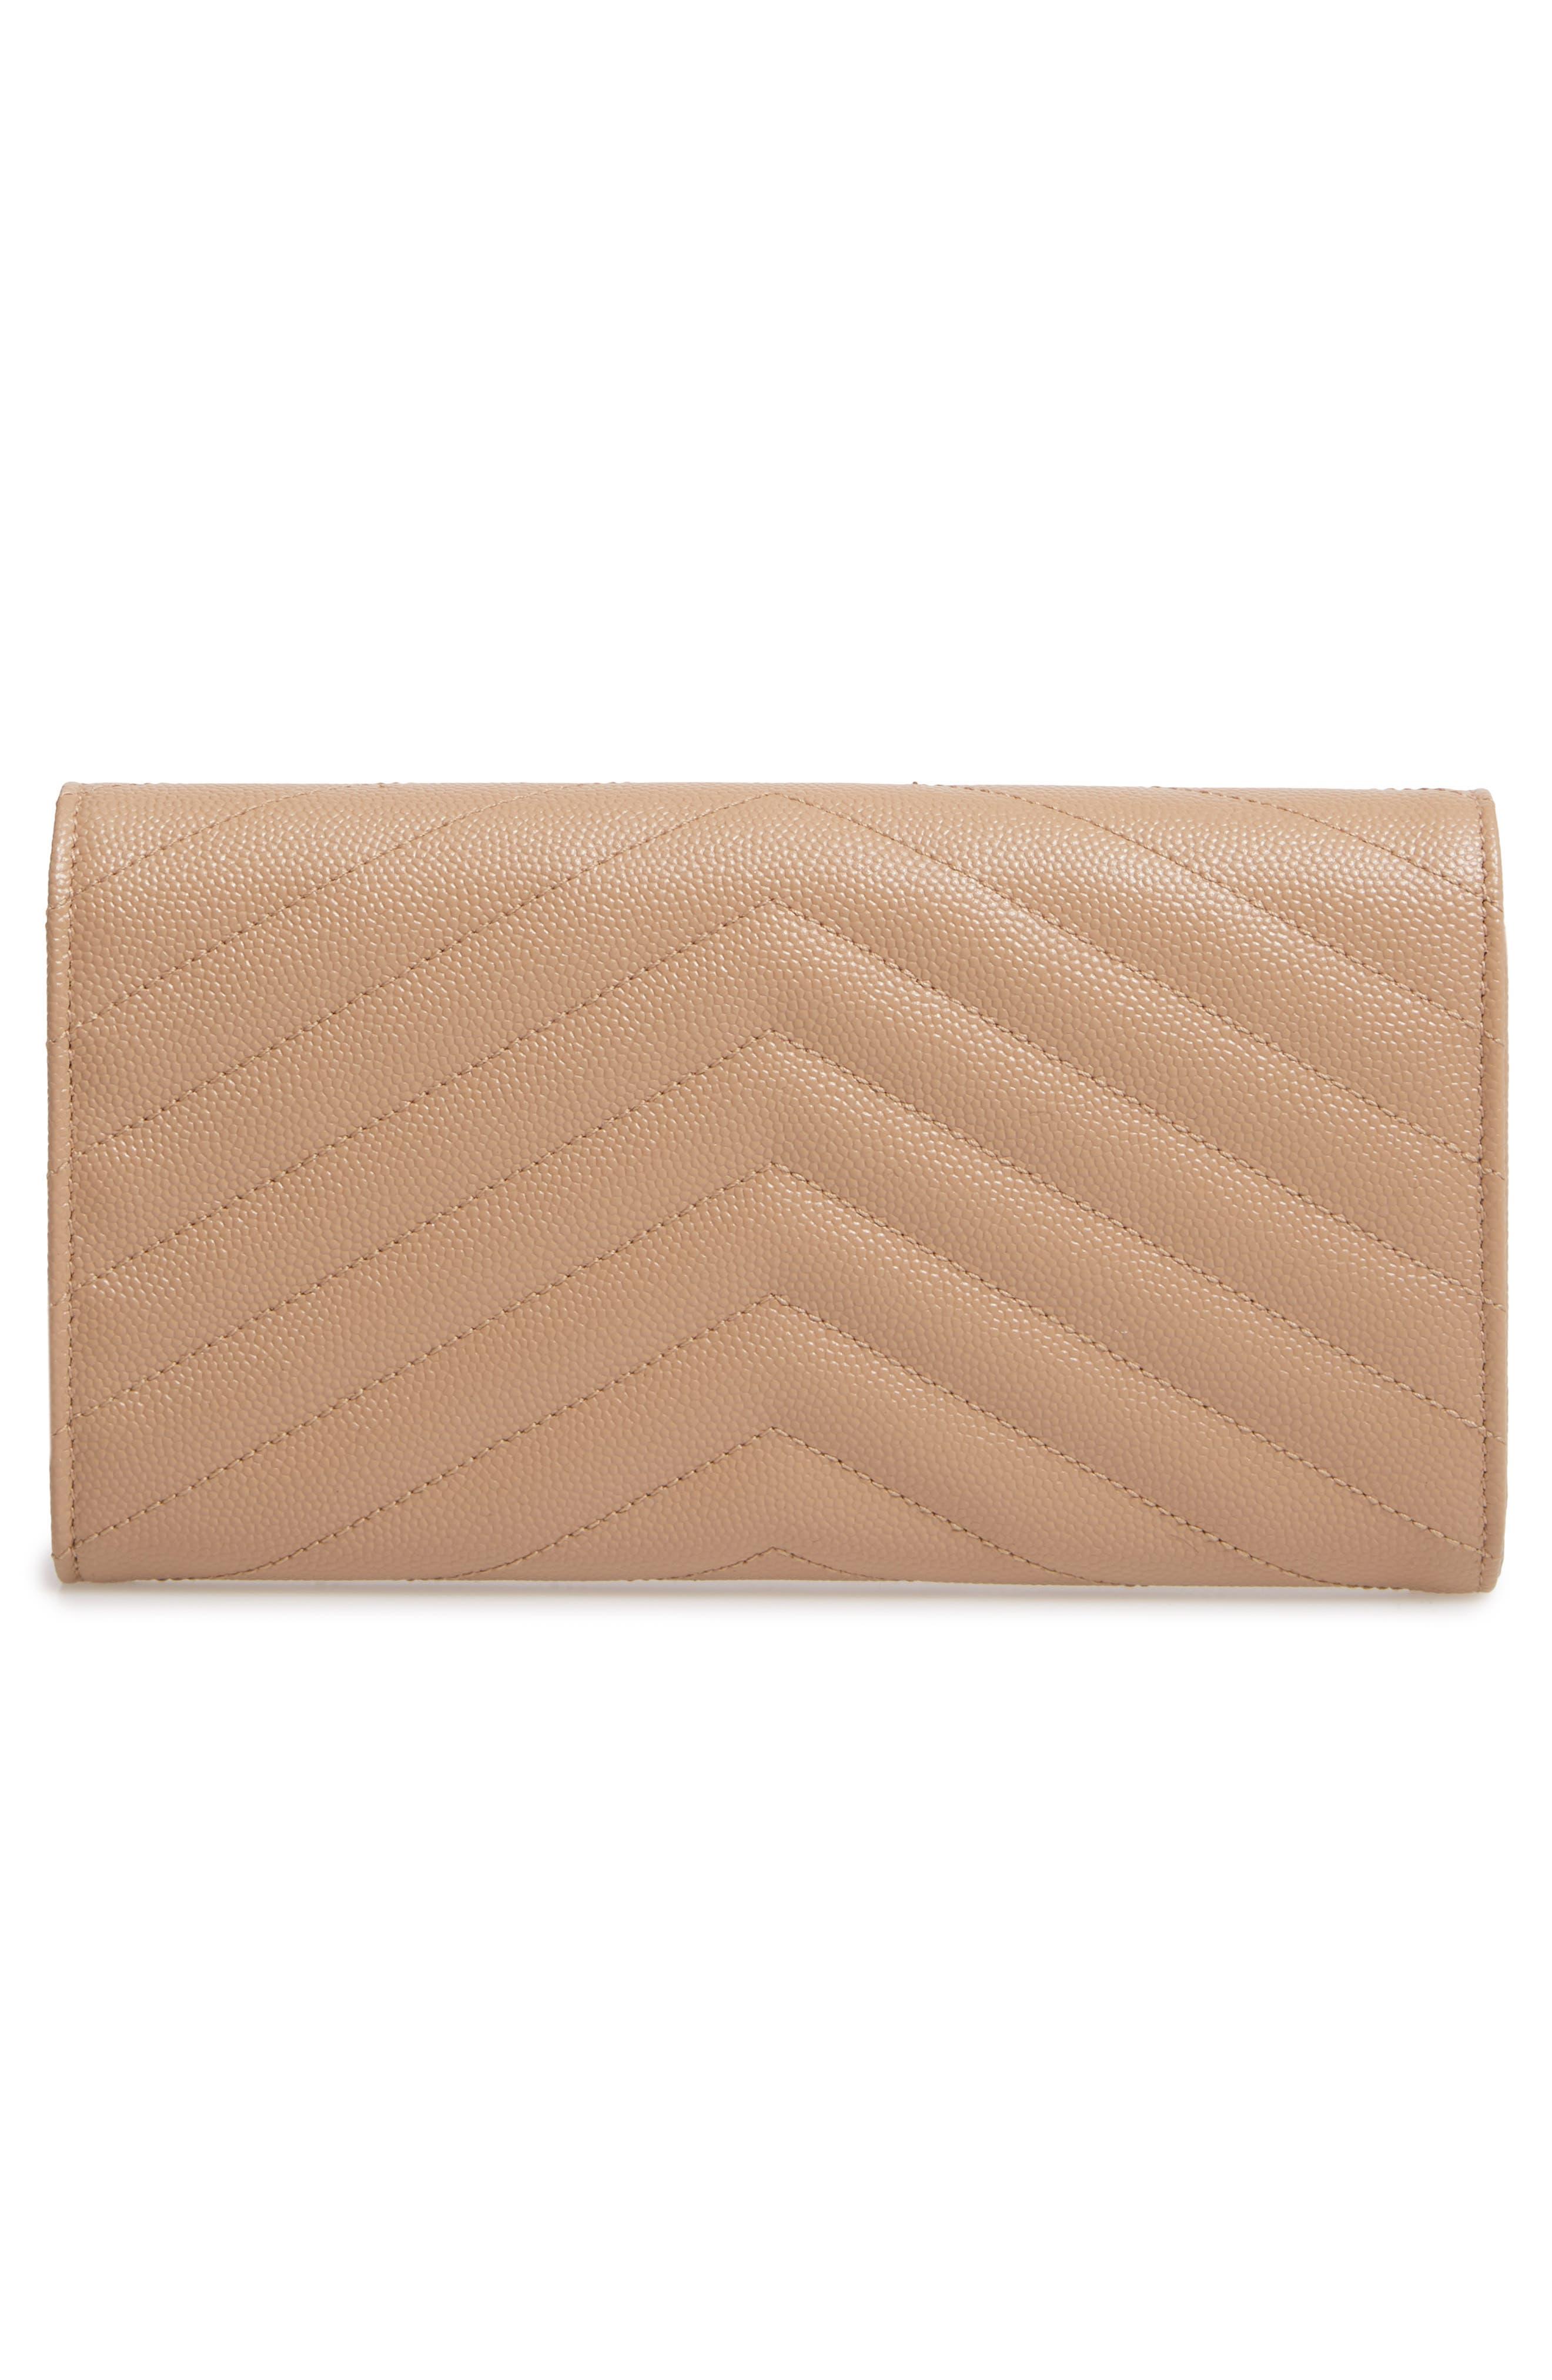 SAINT LAURENT, Monogram Logo Leather Flap Wallet, Alternate thumbnail 3, color, CHENE